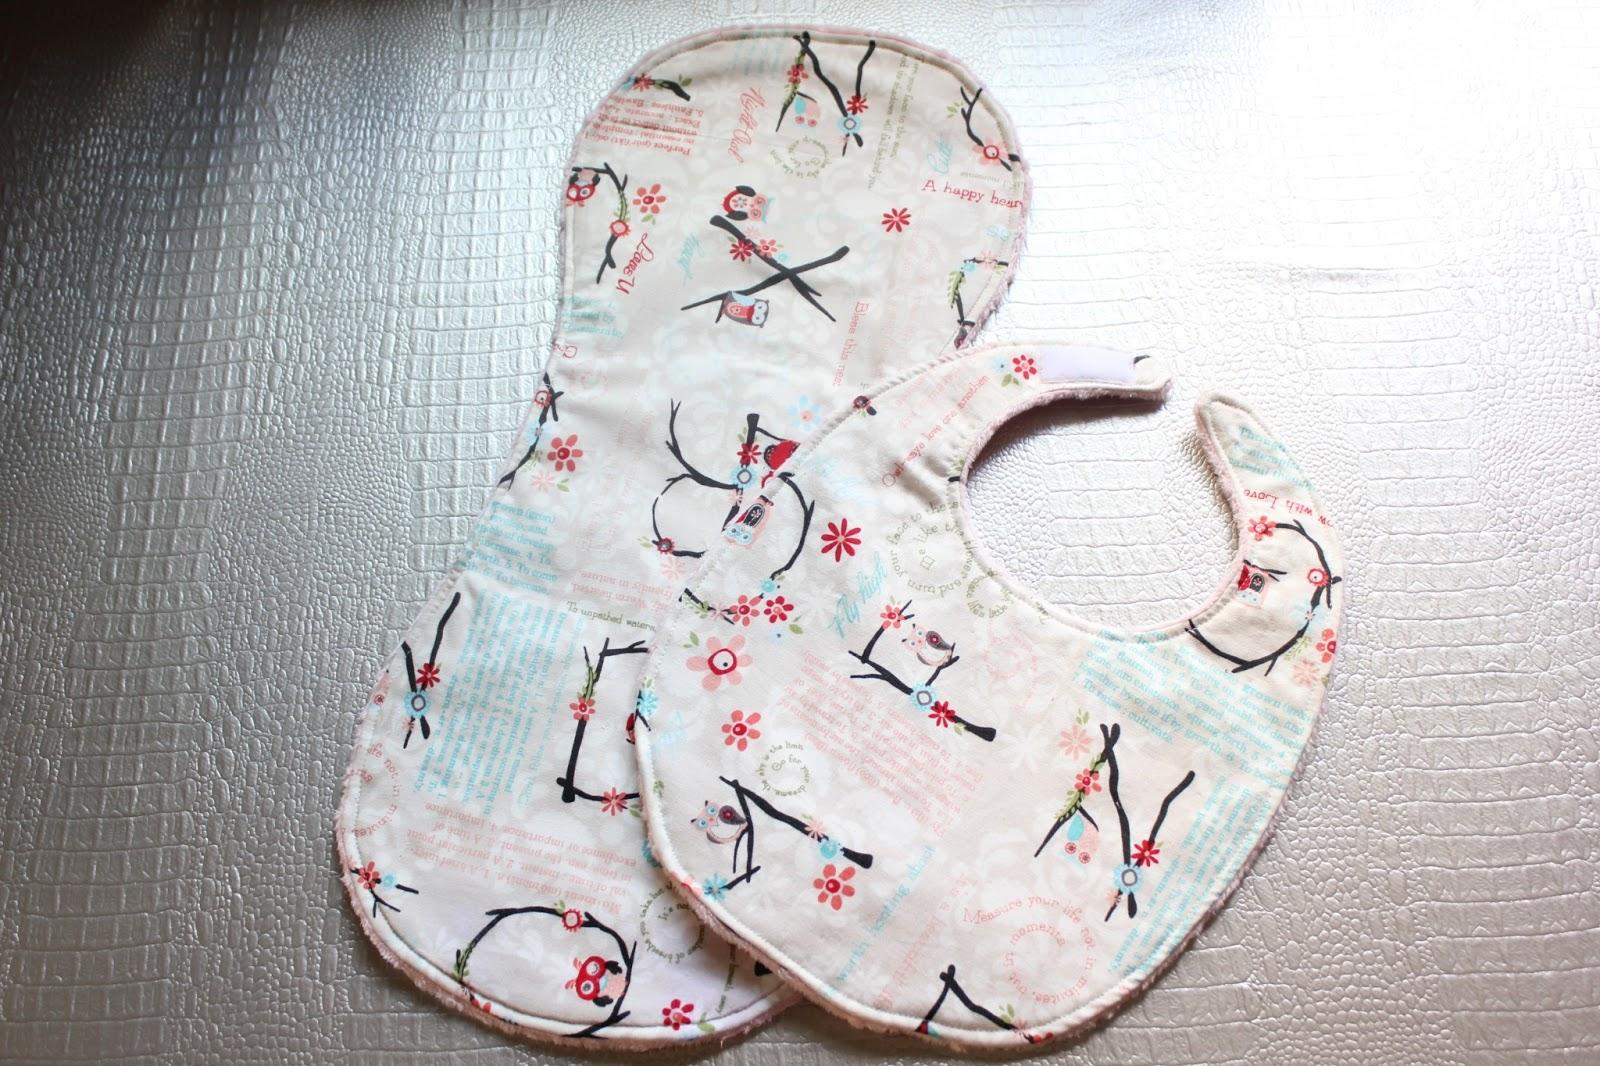 DIY: Cómo hacer baberos con tela minky - Handbox Craft Lovers ...